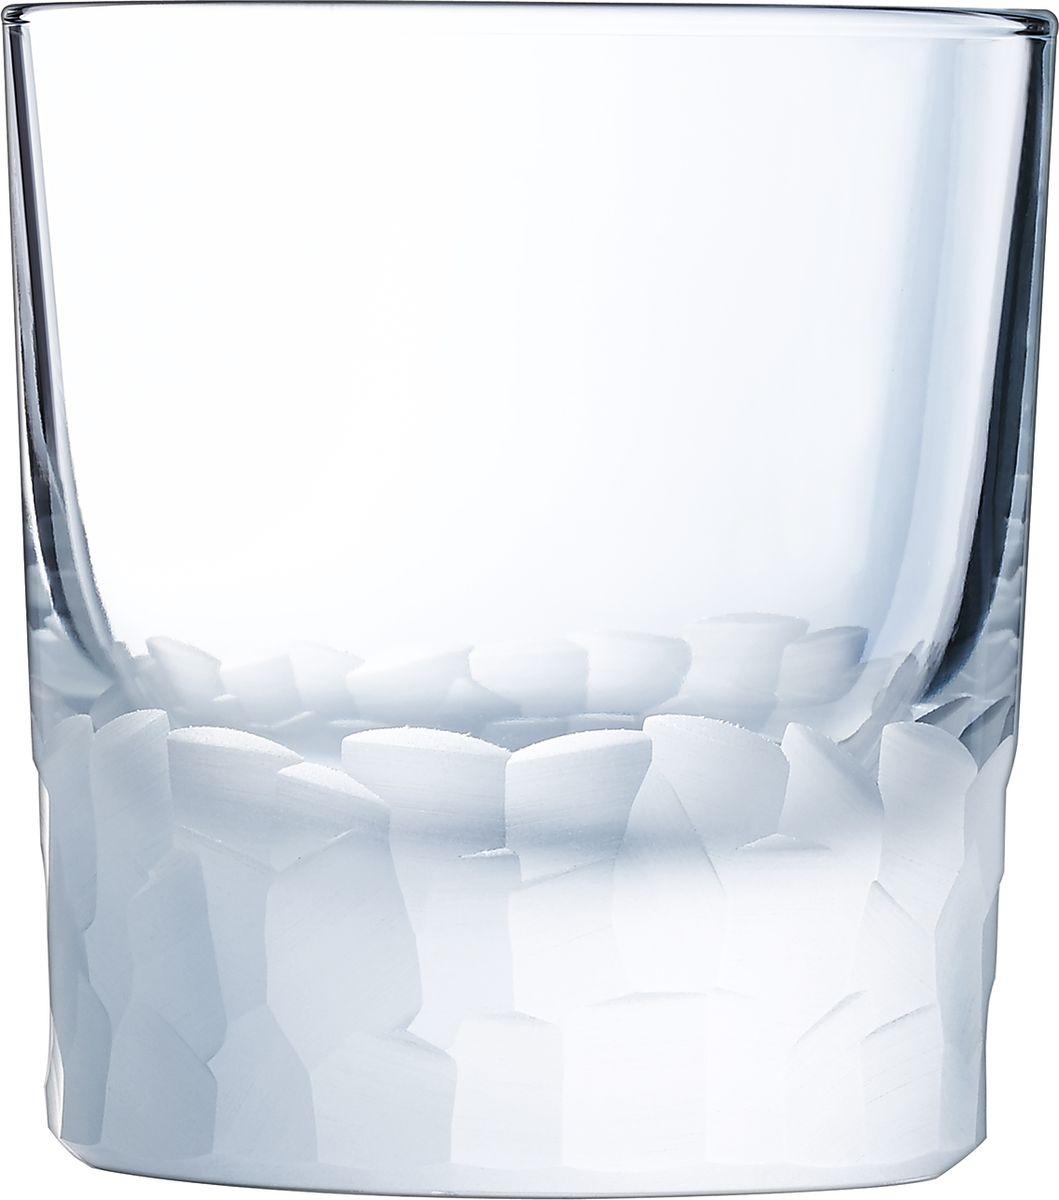 Набор стаканов Cristal dArques Intuition, 320 мл, 6 шт. L6640L6640Множество ограненных, четких, структурированных поверхностей пересекается случайным образом, образуя плотный лабиринт. Кубизм на столе. Коллекция Intuition — это проникновенное сверкающее хрусталем посвящение кубизму. Основания стаканов и стенки бокалов покрыты фрагментированными гранями, напоминающими манеру художников-кубистов. Основные геометрические формы непрерывно раскладываются и составляются вновь. Ограненные, четкие, структурированные поверхности пересекаются случайным образом. Геометрические объемы освобождаются, создавая густой лабиринт. Текстурированные и матовые поверхности контрастируют с блеском гладкого стекла, создавая переменчивый декор, в котором чередуются плоские и рельефные элементы.